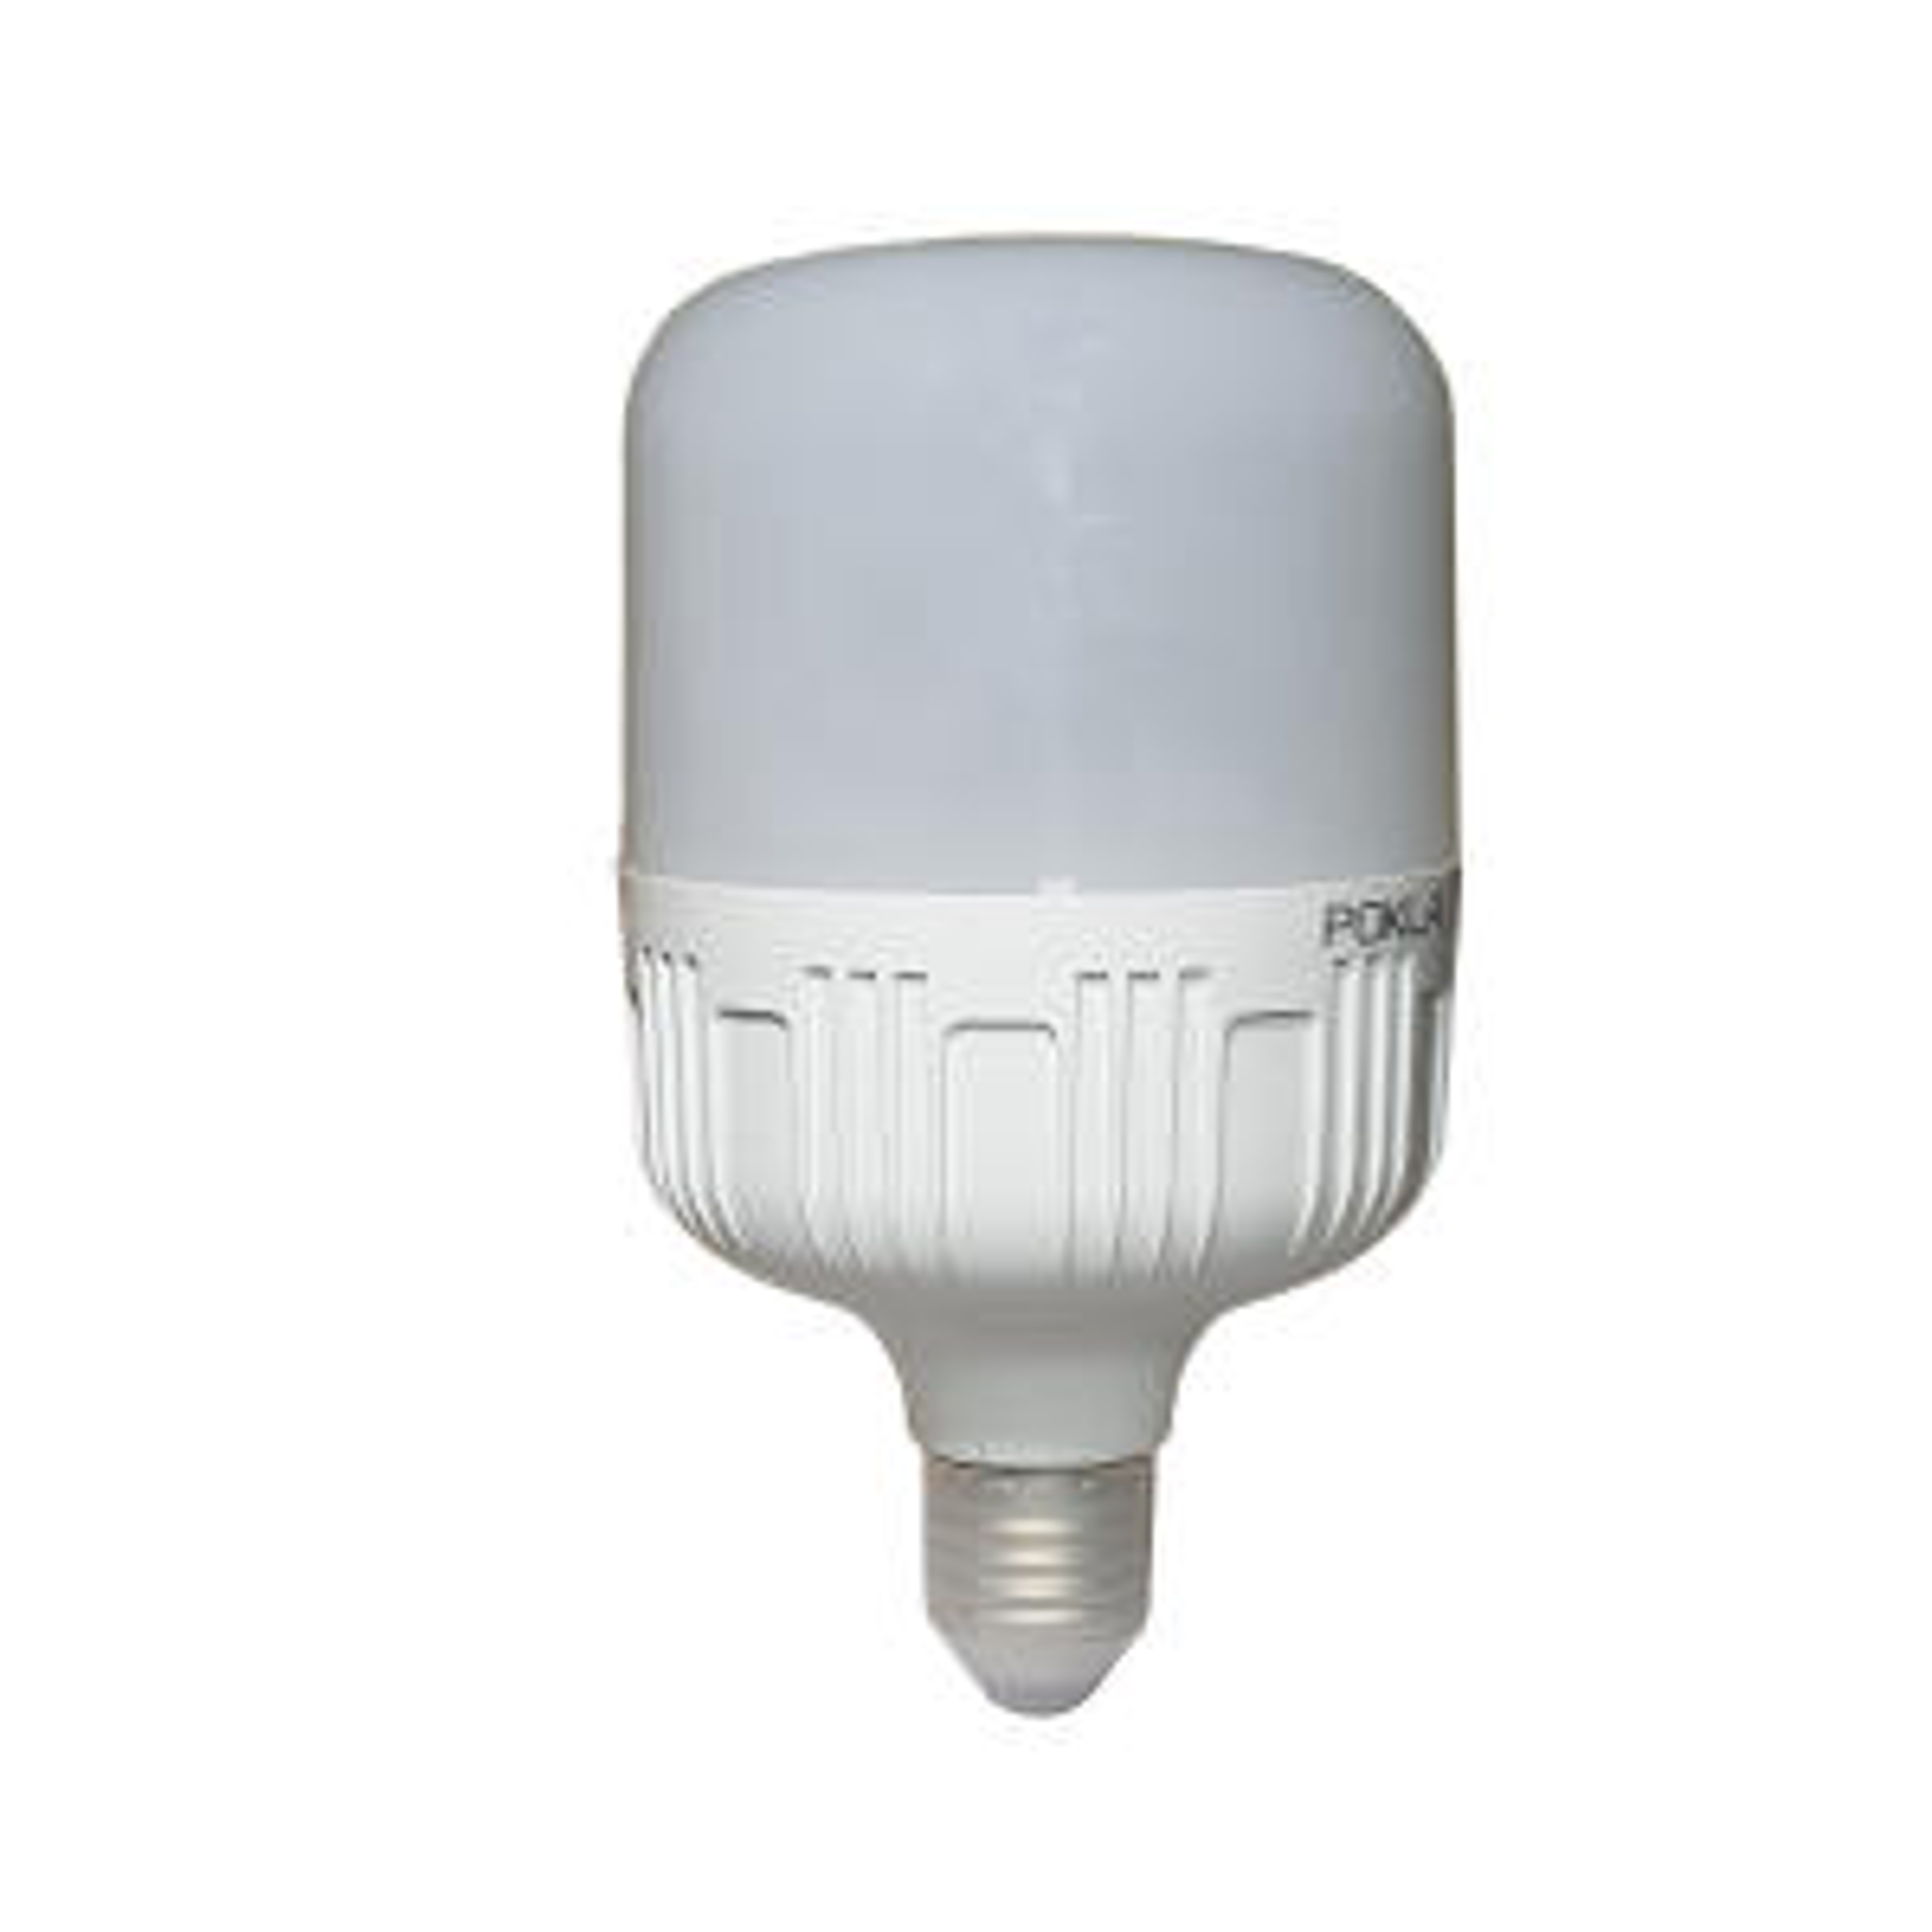 لامپ ال ای دی 30 وات پوکلا کد SH_3030